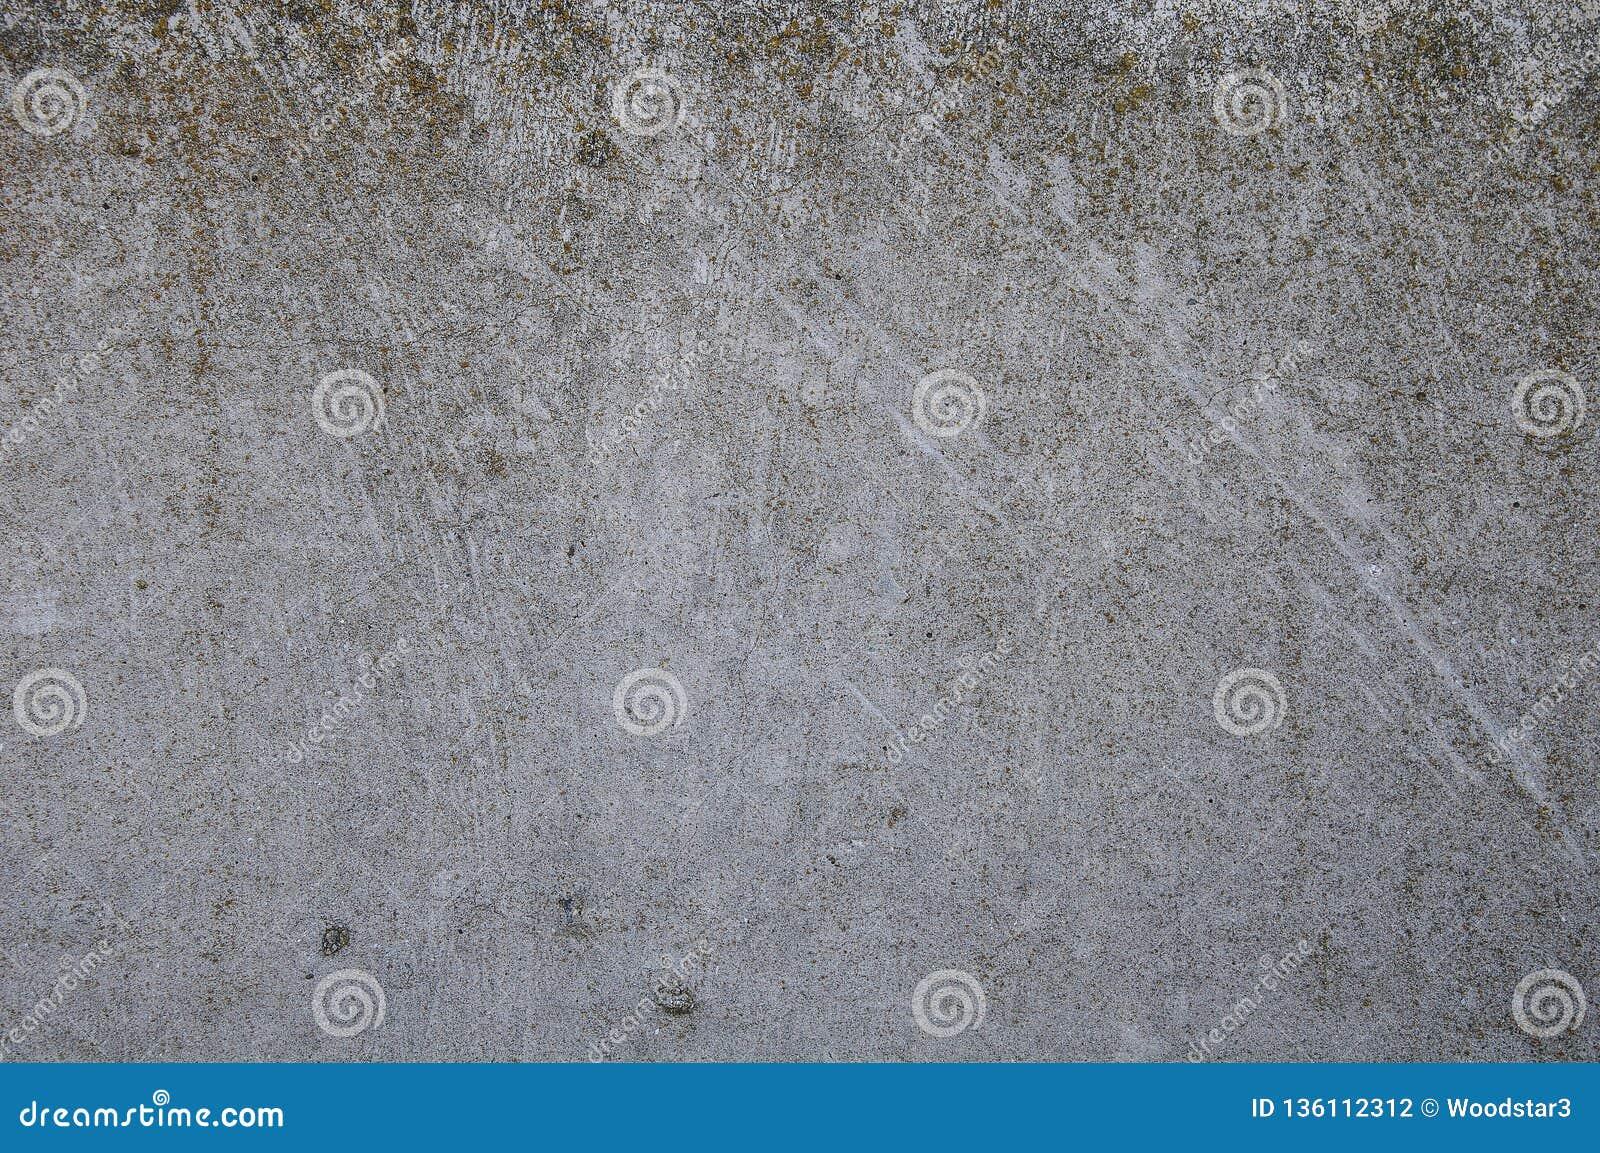 Szarości tekstury betonowy tło pęknięcia narysy szkoda